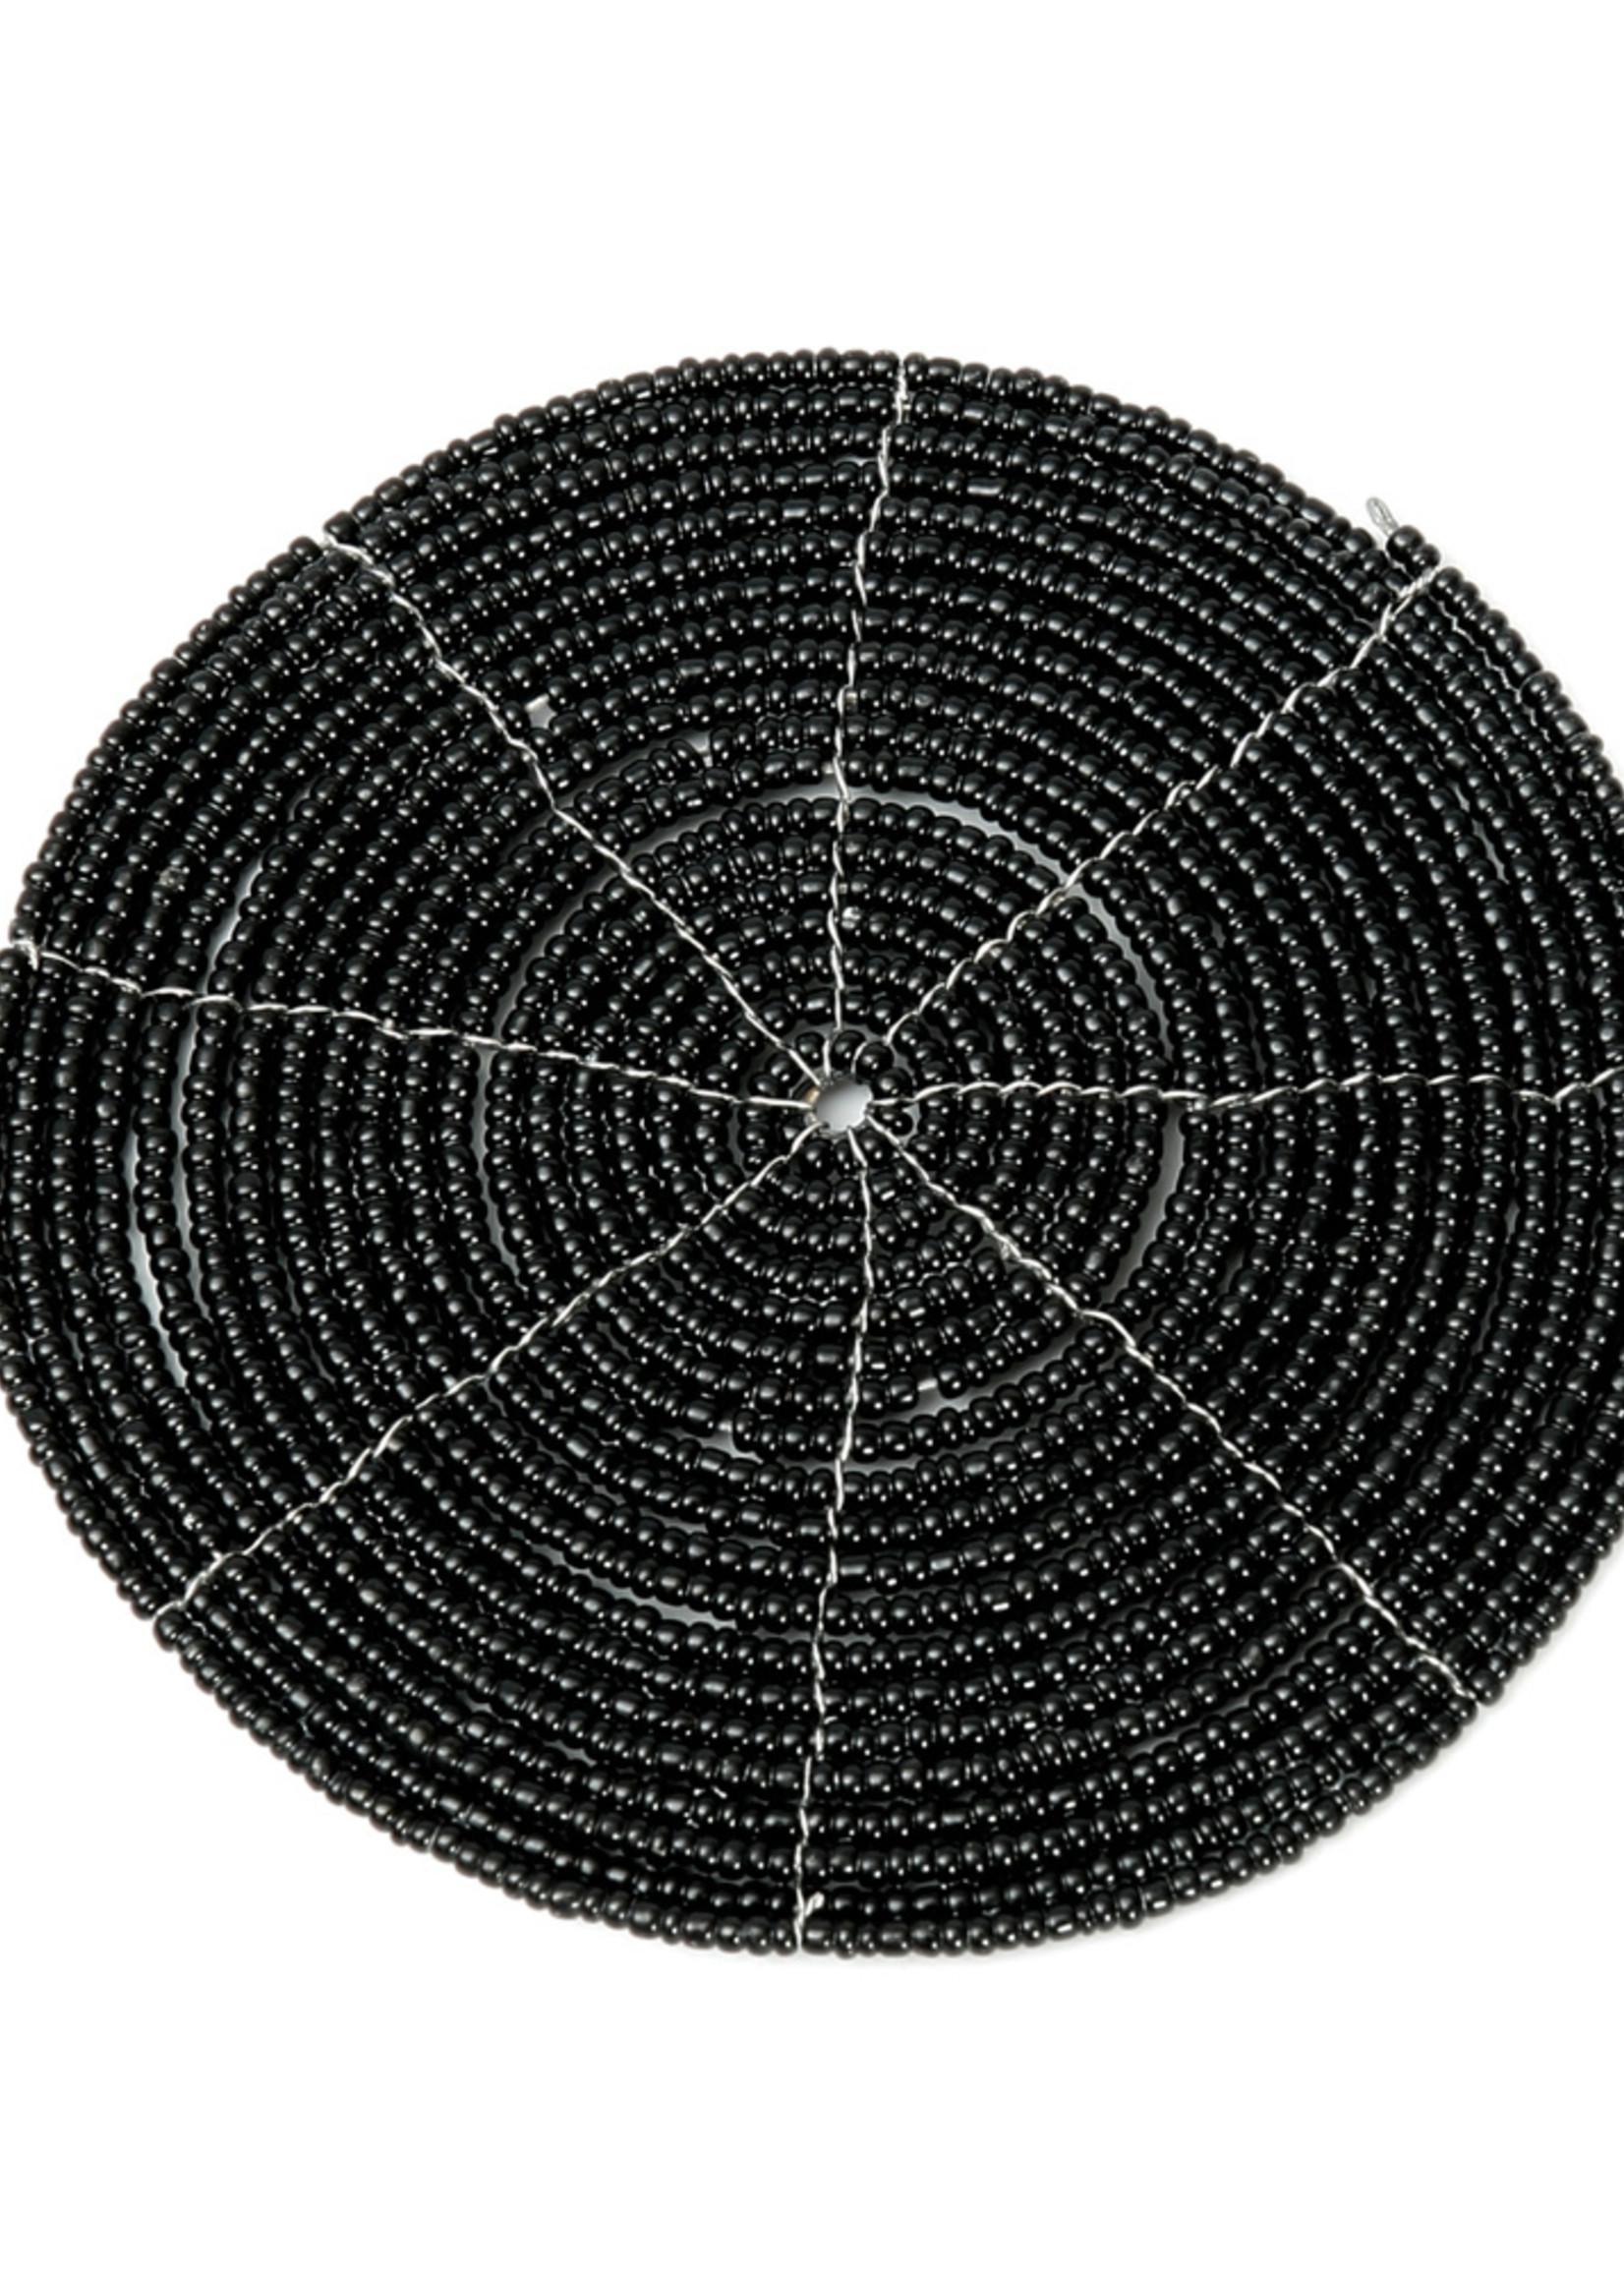 The Beaded Coaster - Black